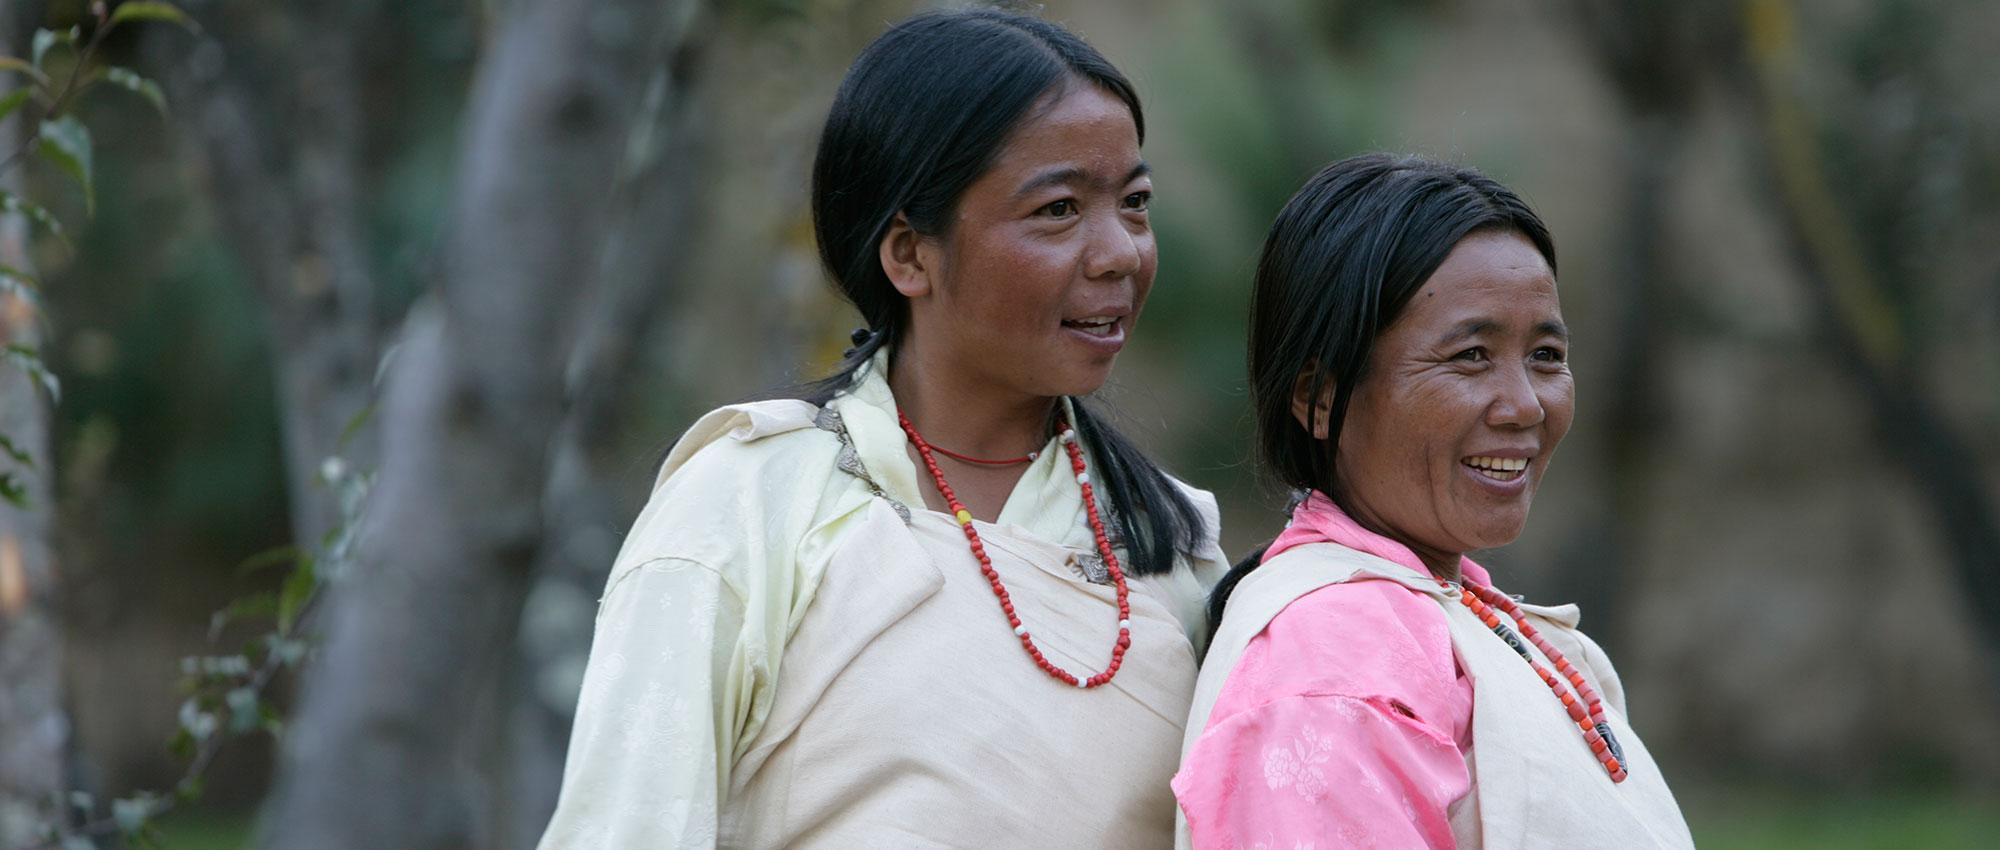 slide-16-Bhutan,-Spiritual-Nation,-Rich-Culture-=-Gross-National-Happiness